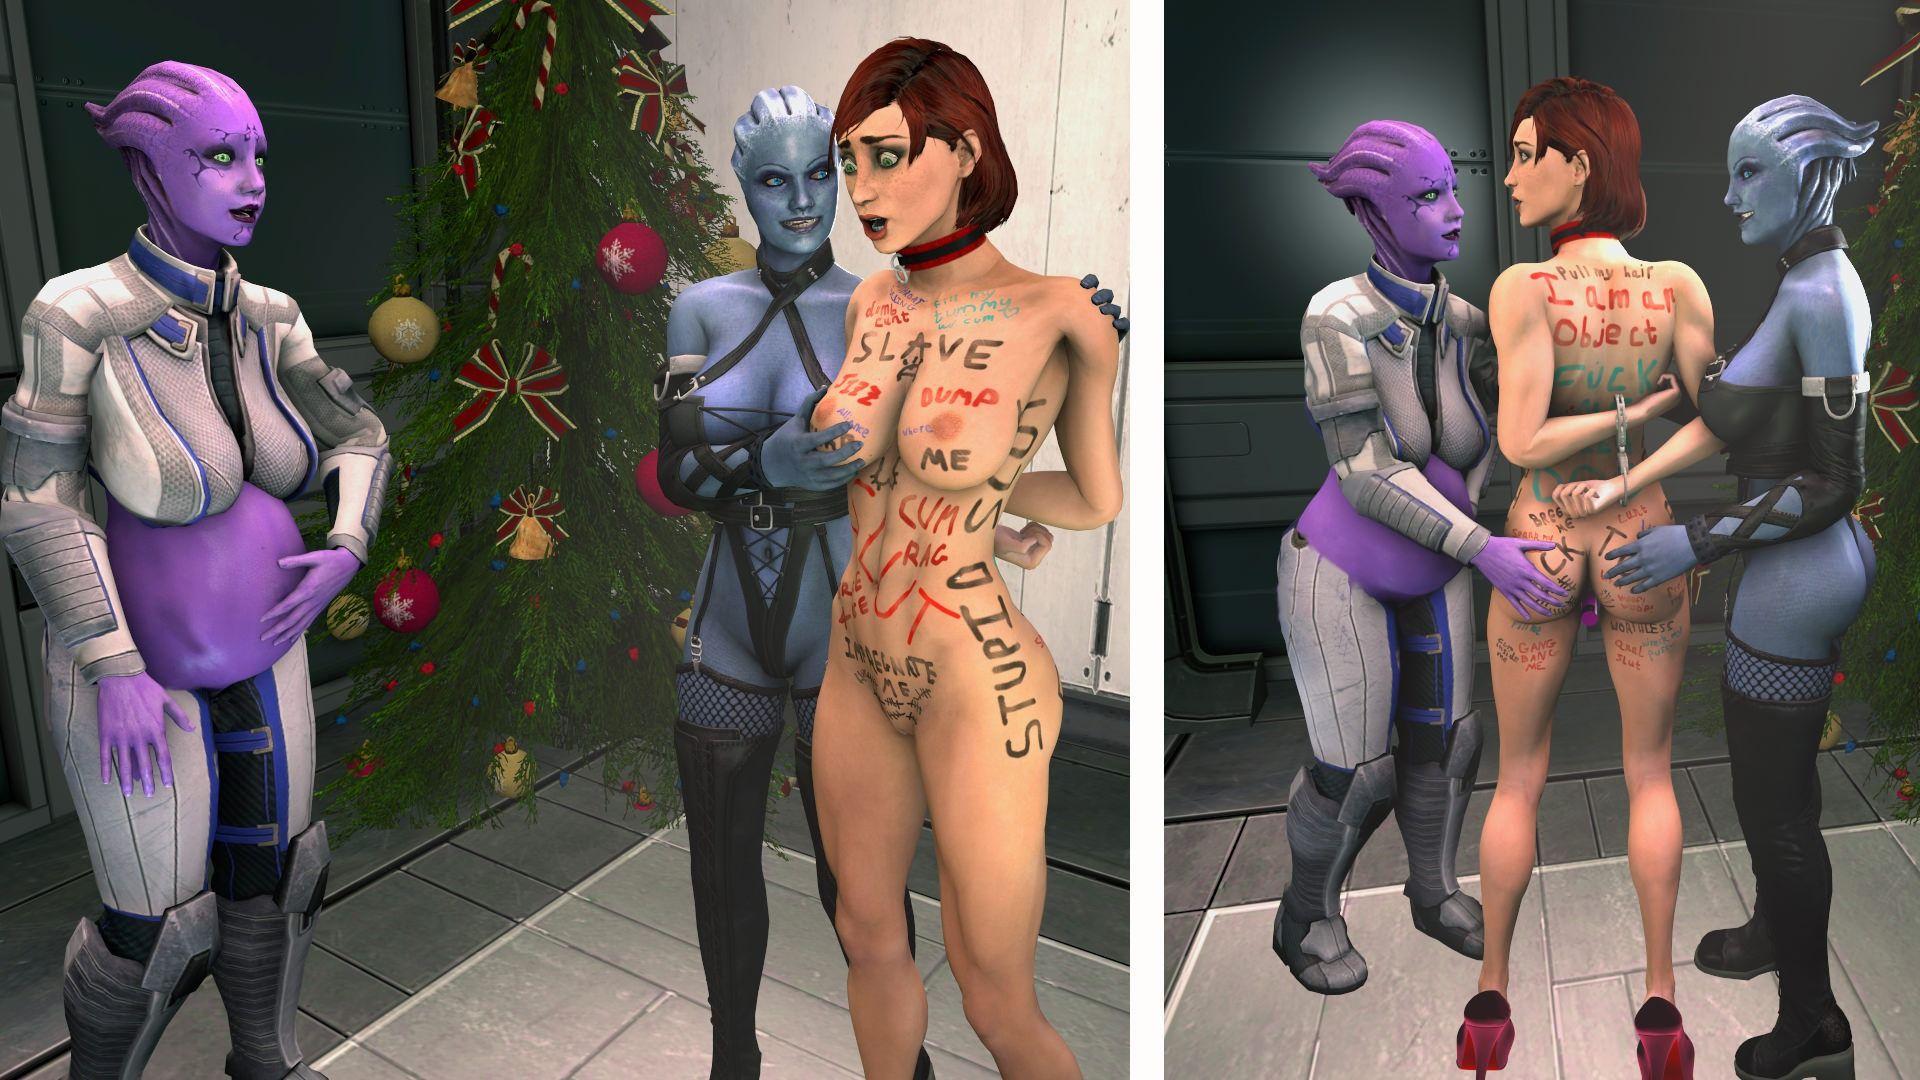 Liara_X-Mass_Gifts!_Ladychi_(Mass_Effect) comix_57867.jpg